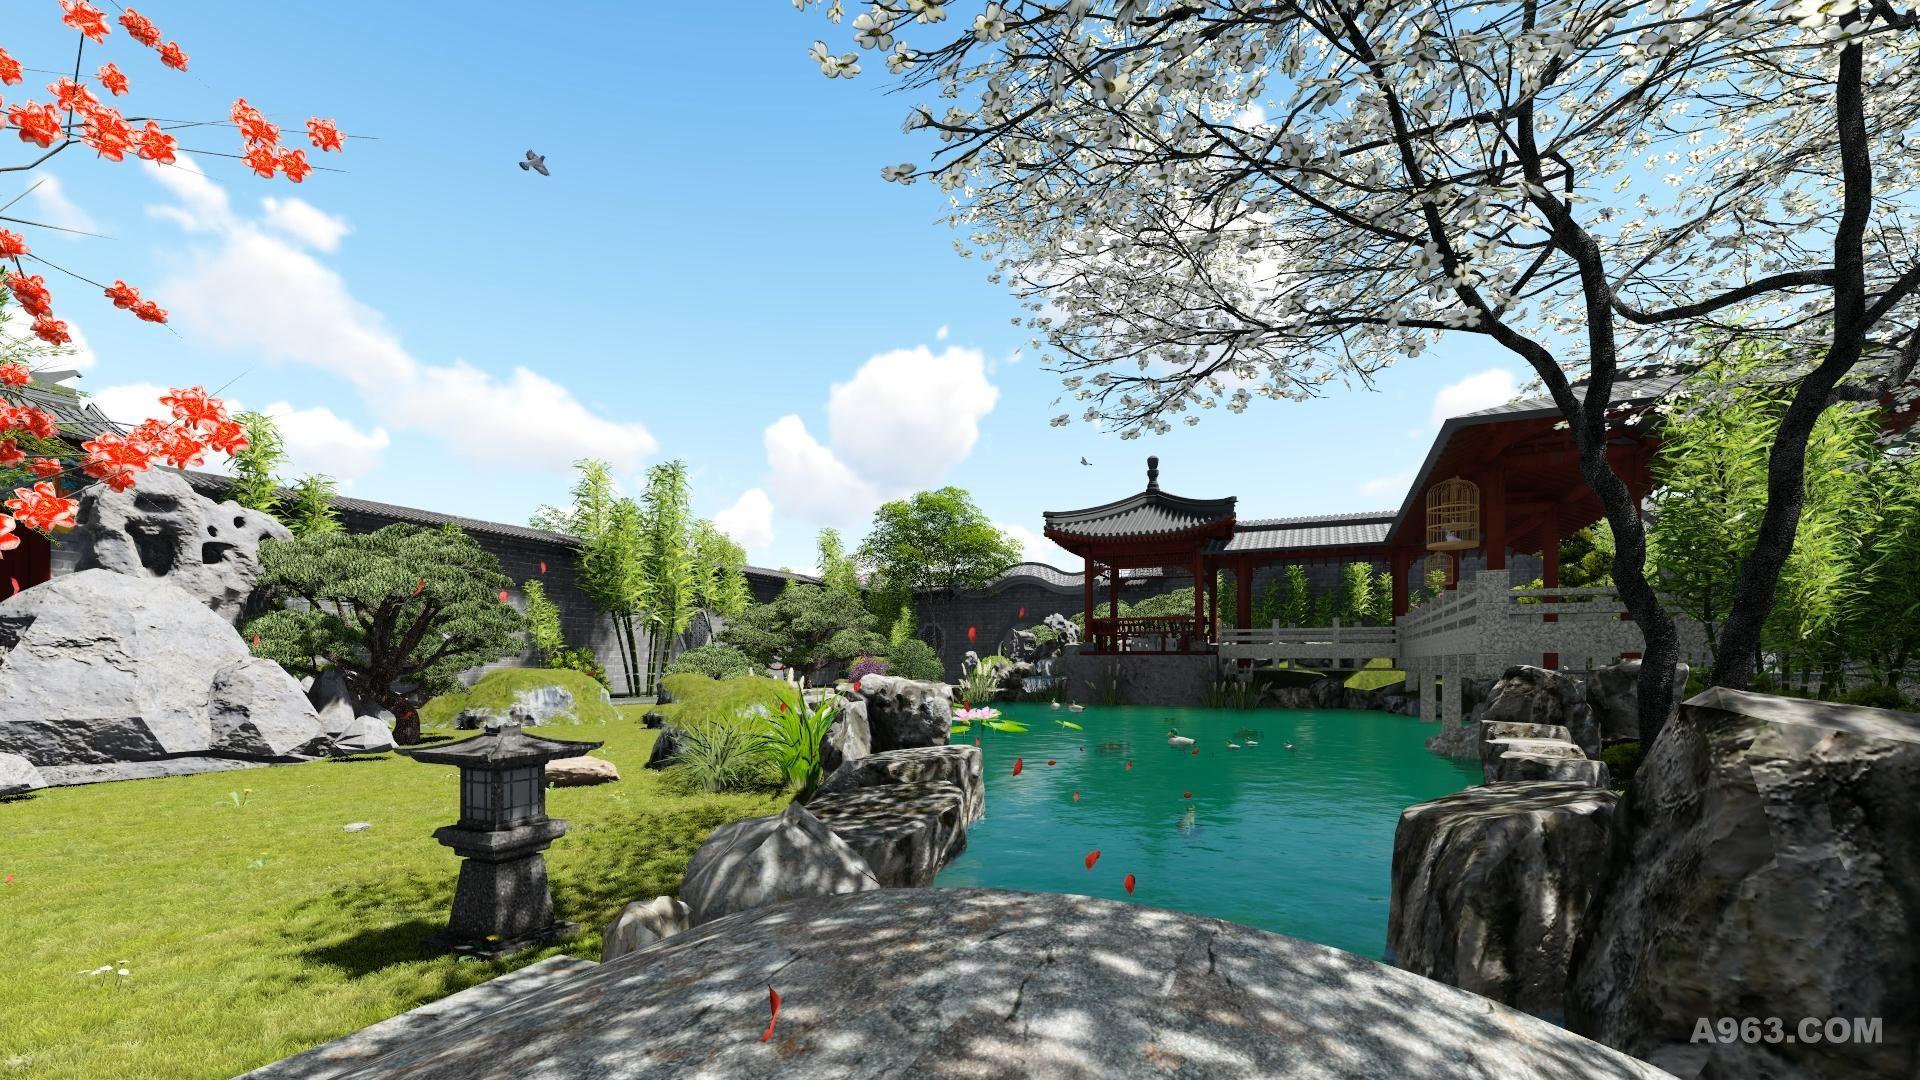 杨家大院,中式庭院,世间最雅致的院子 - 居住区景观